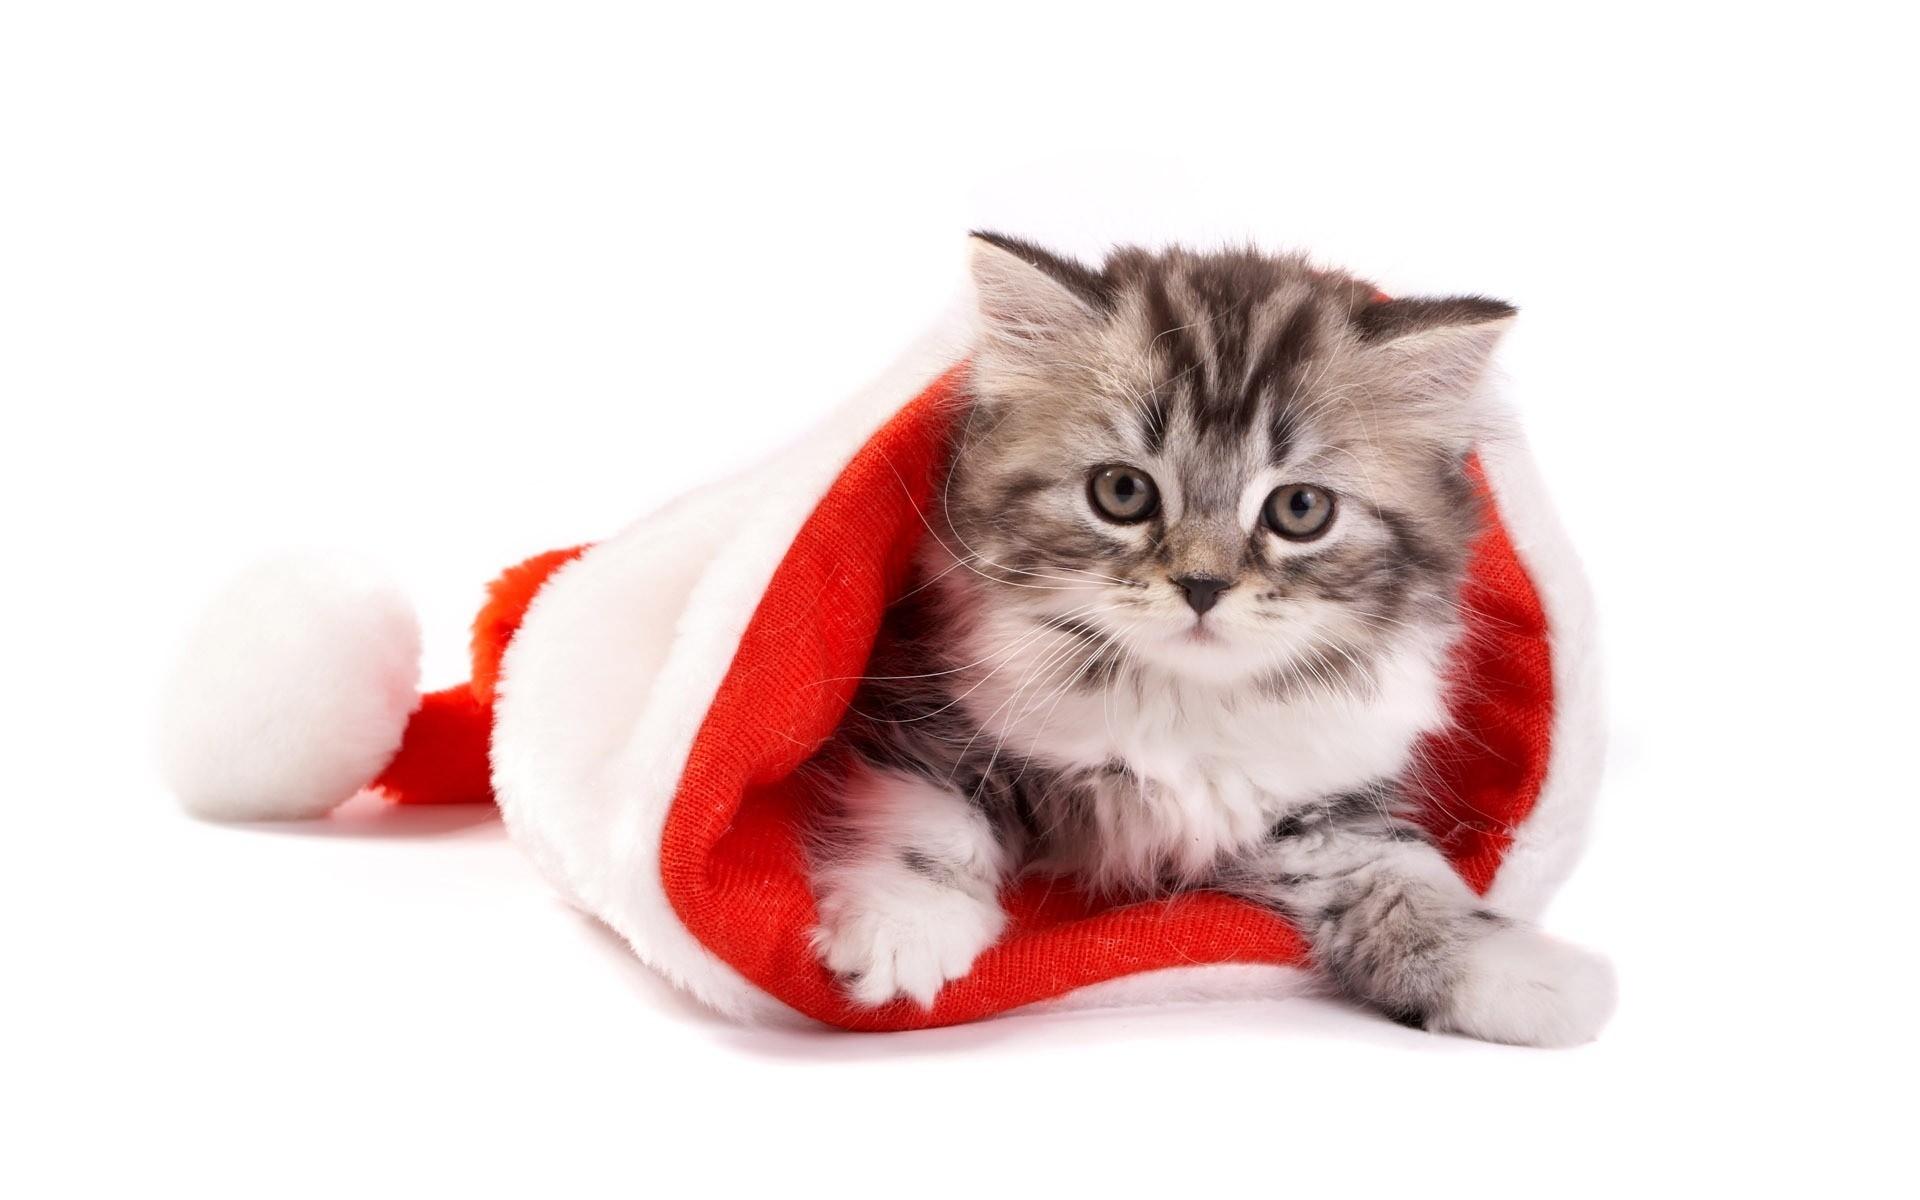 Un gato en un gorro de navidad - 1920x1200